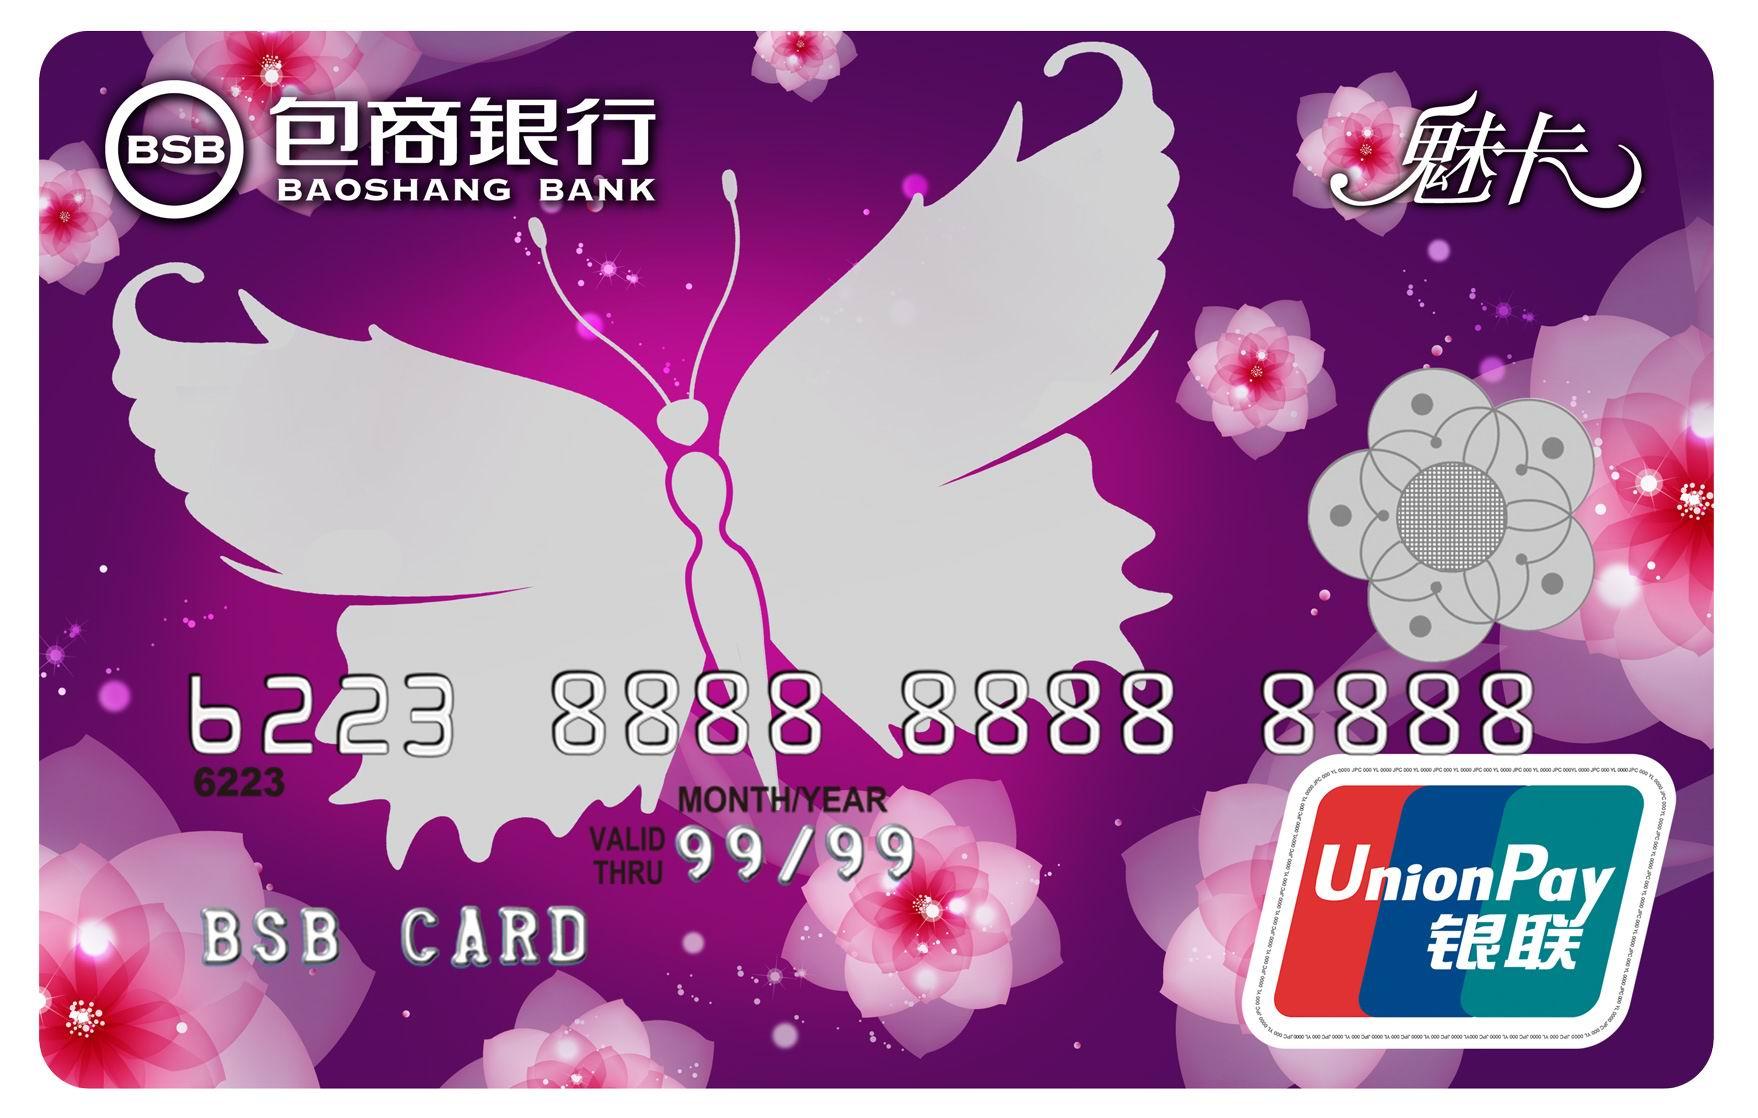 包商银行魅卡信用卡